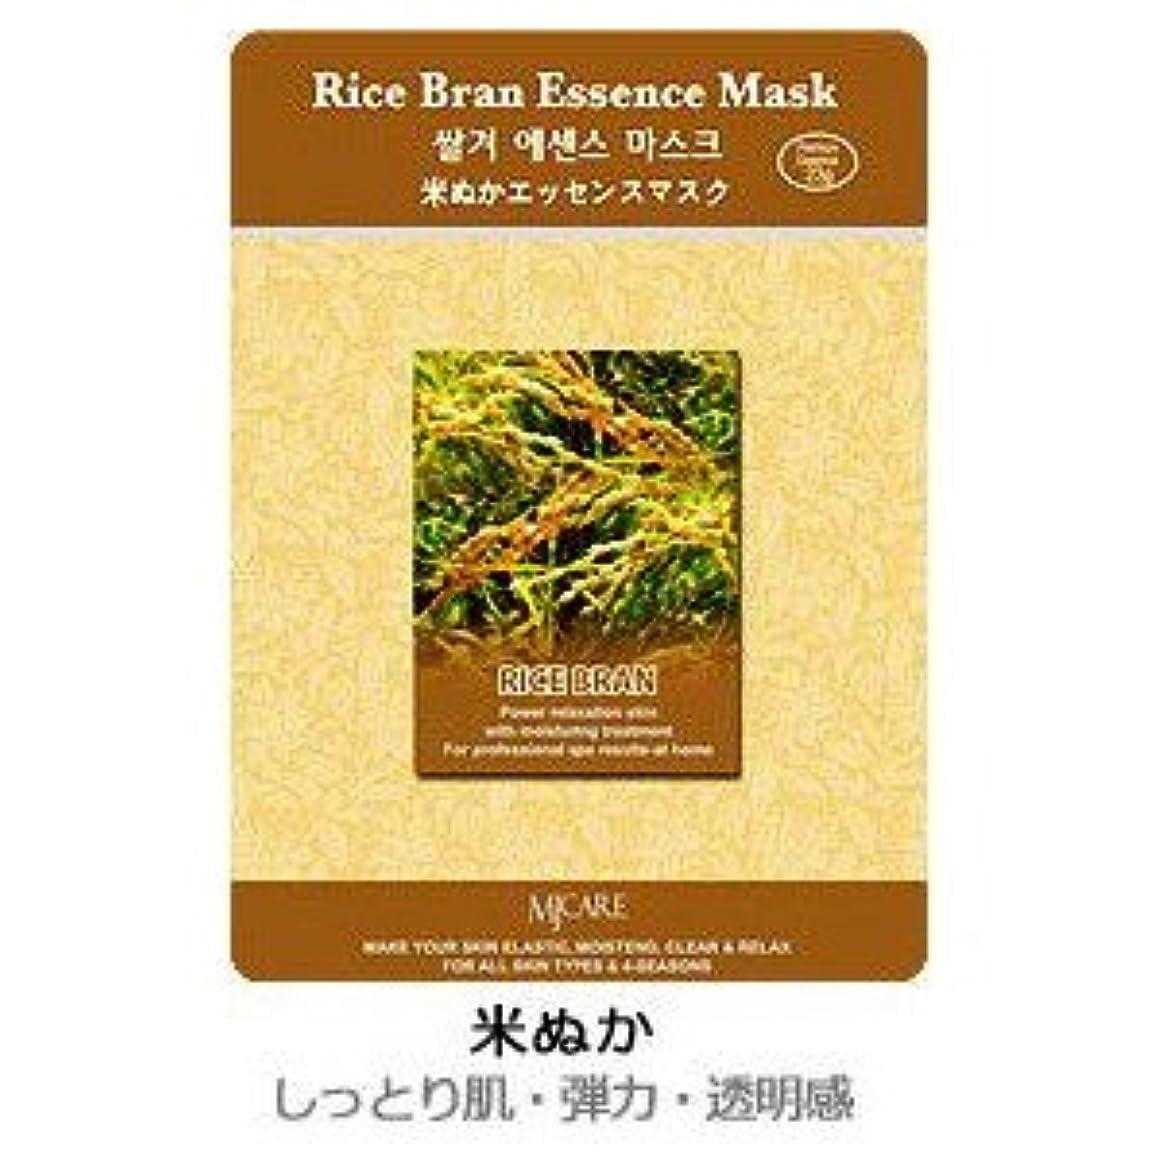 MJ-CAREエッセンスマスク 米ぬか10枚セット